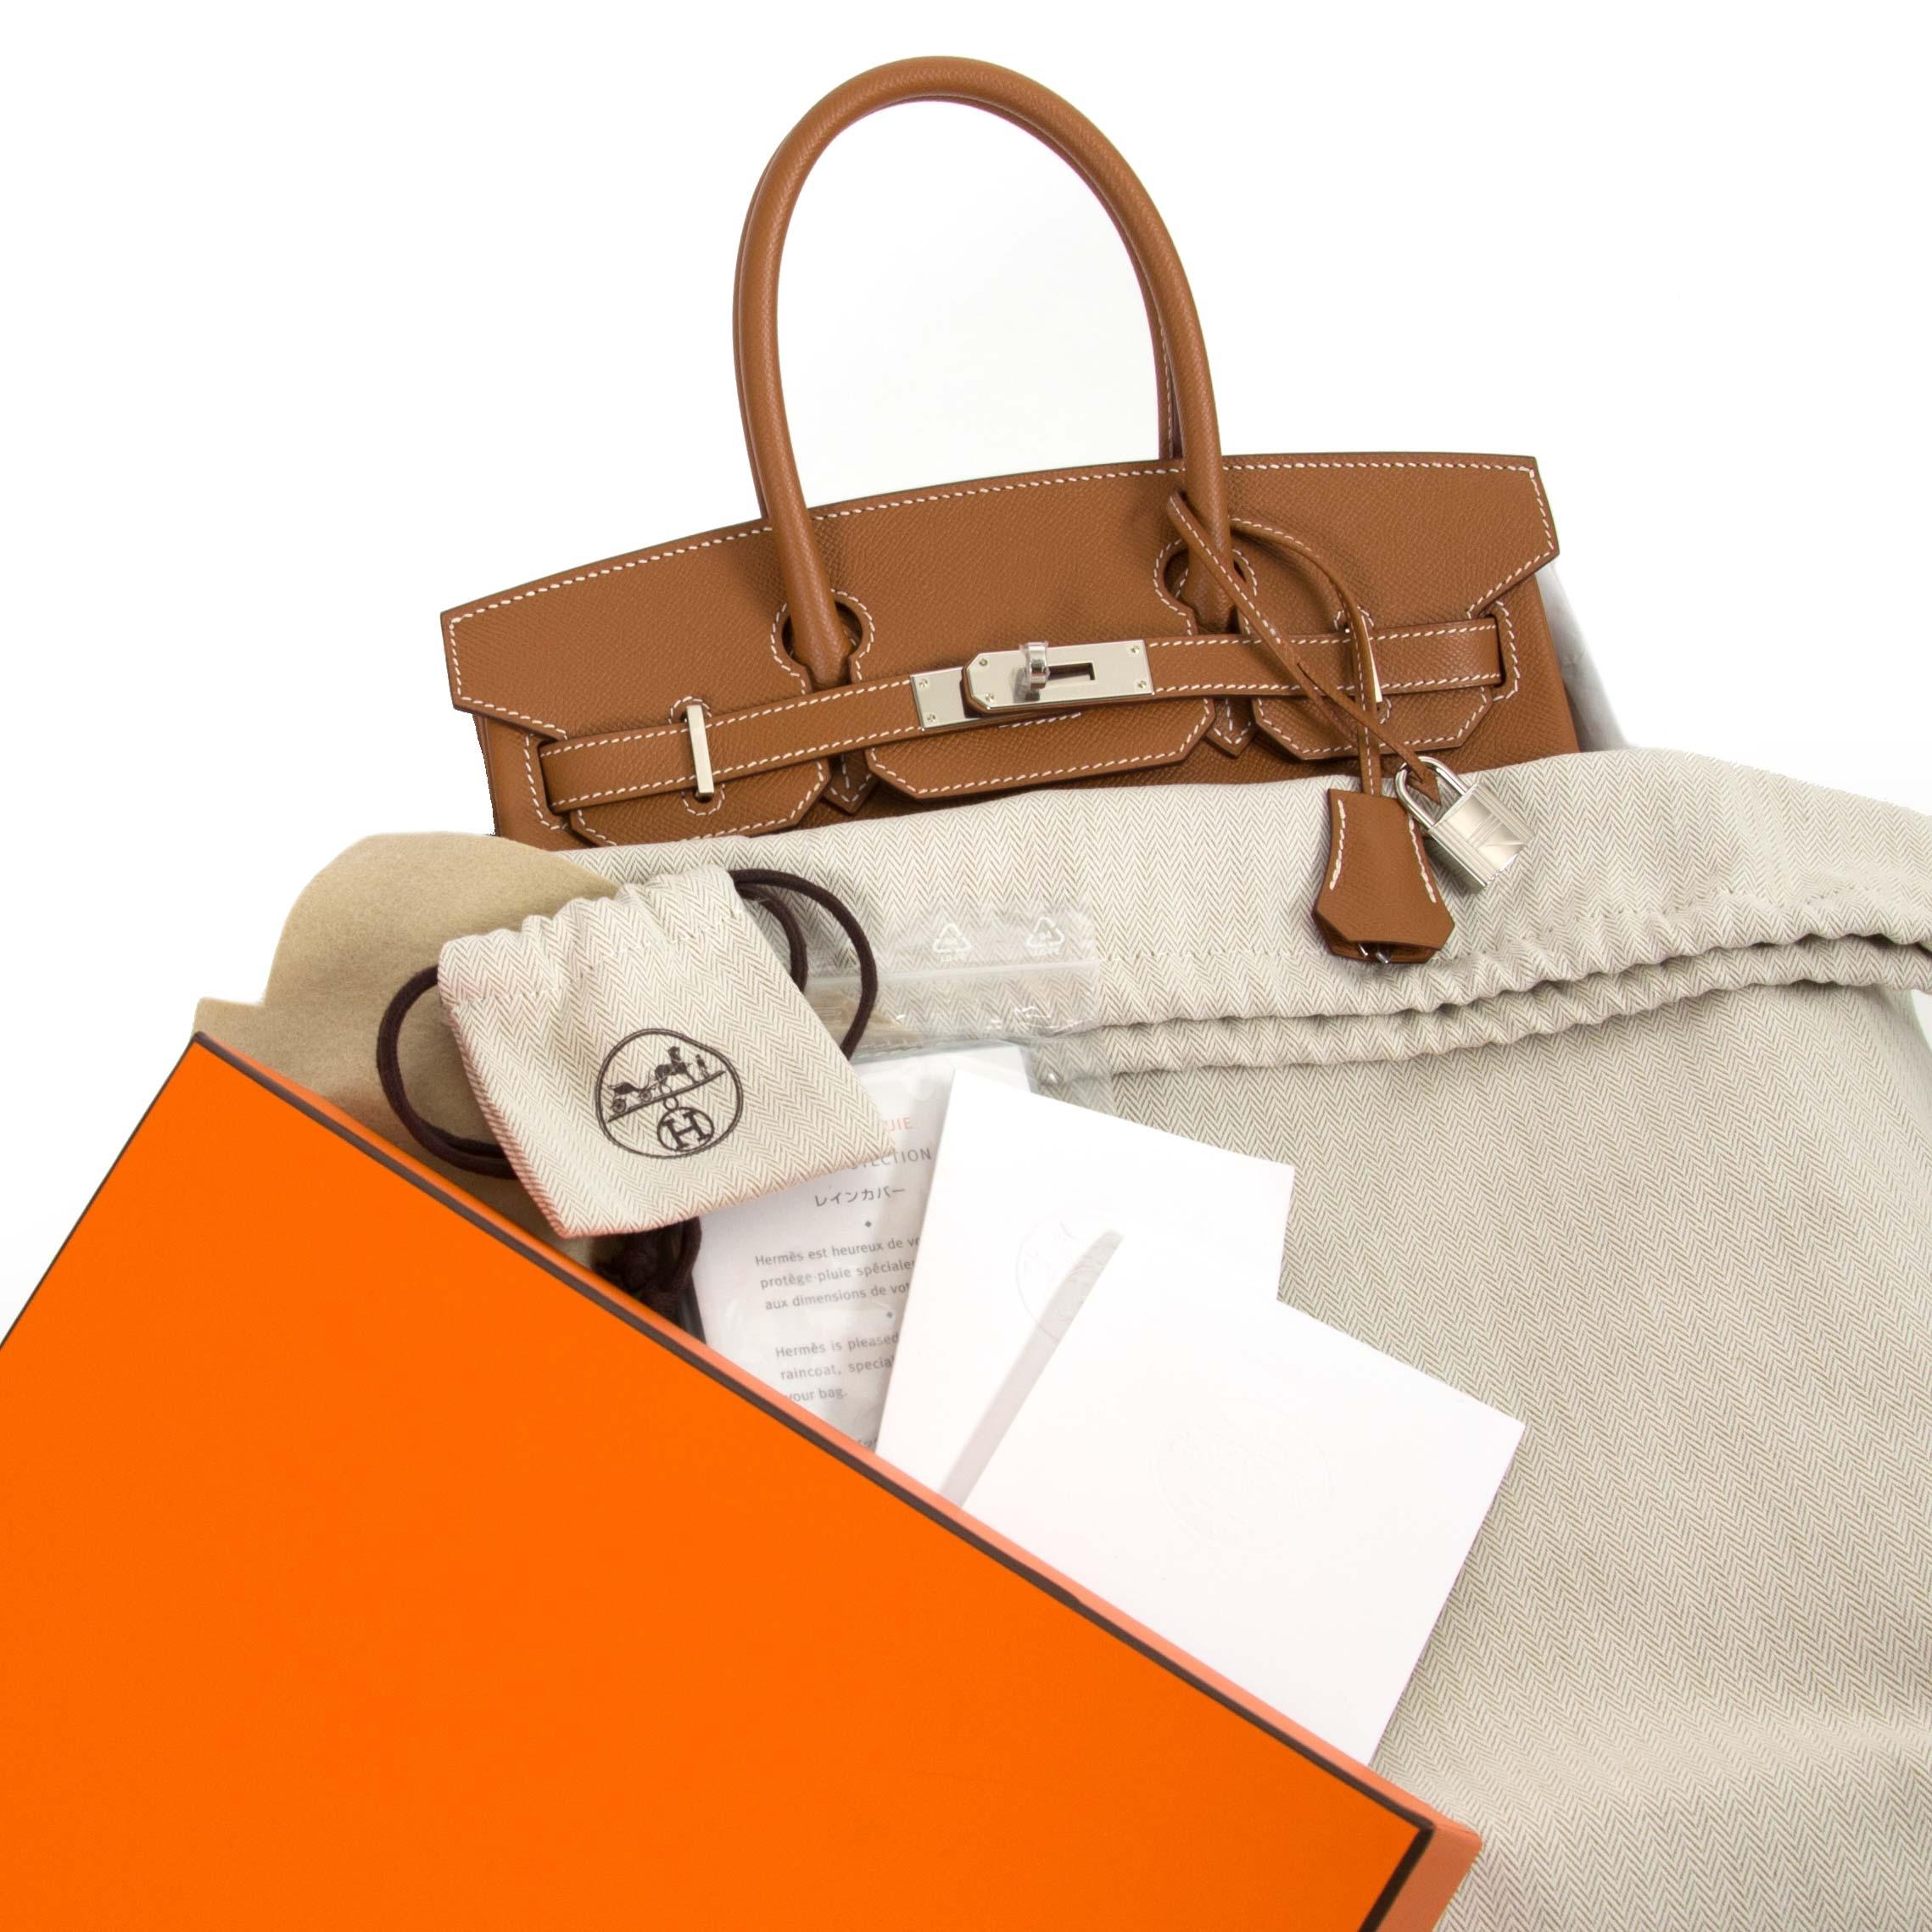 dd97aa39c6b4 ... Achetez Hermès Birkin 30 Epsom Gold PHW pour le meilleur prix chez  Labellov · Hermes